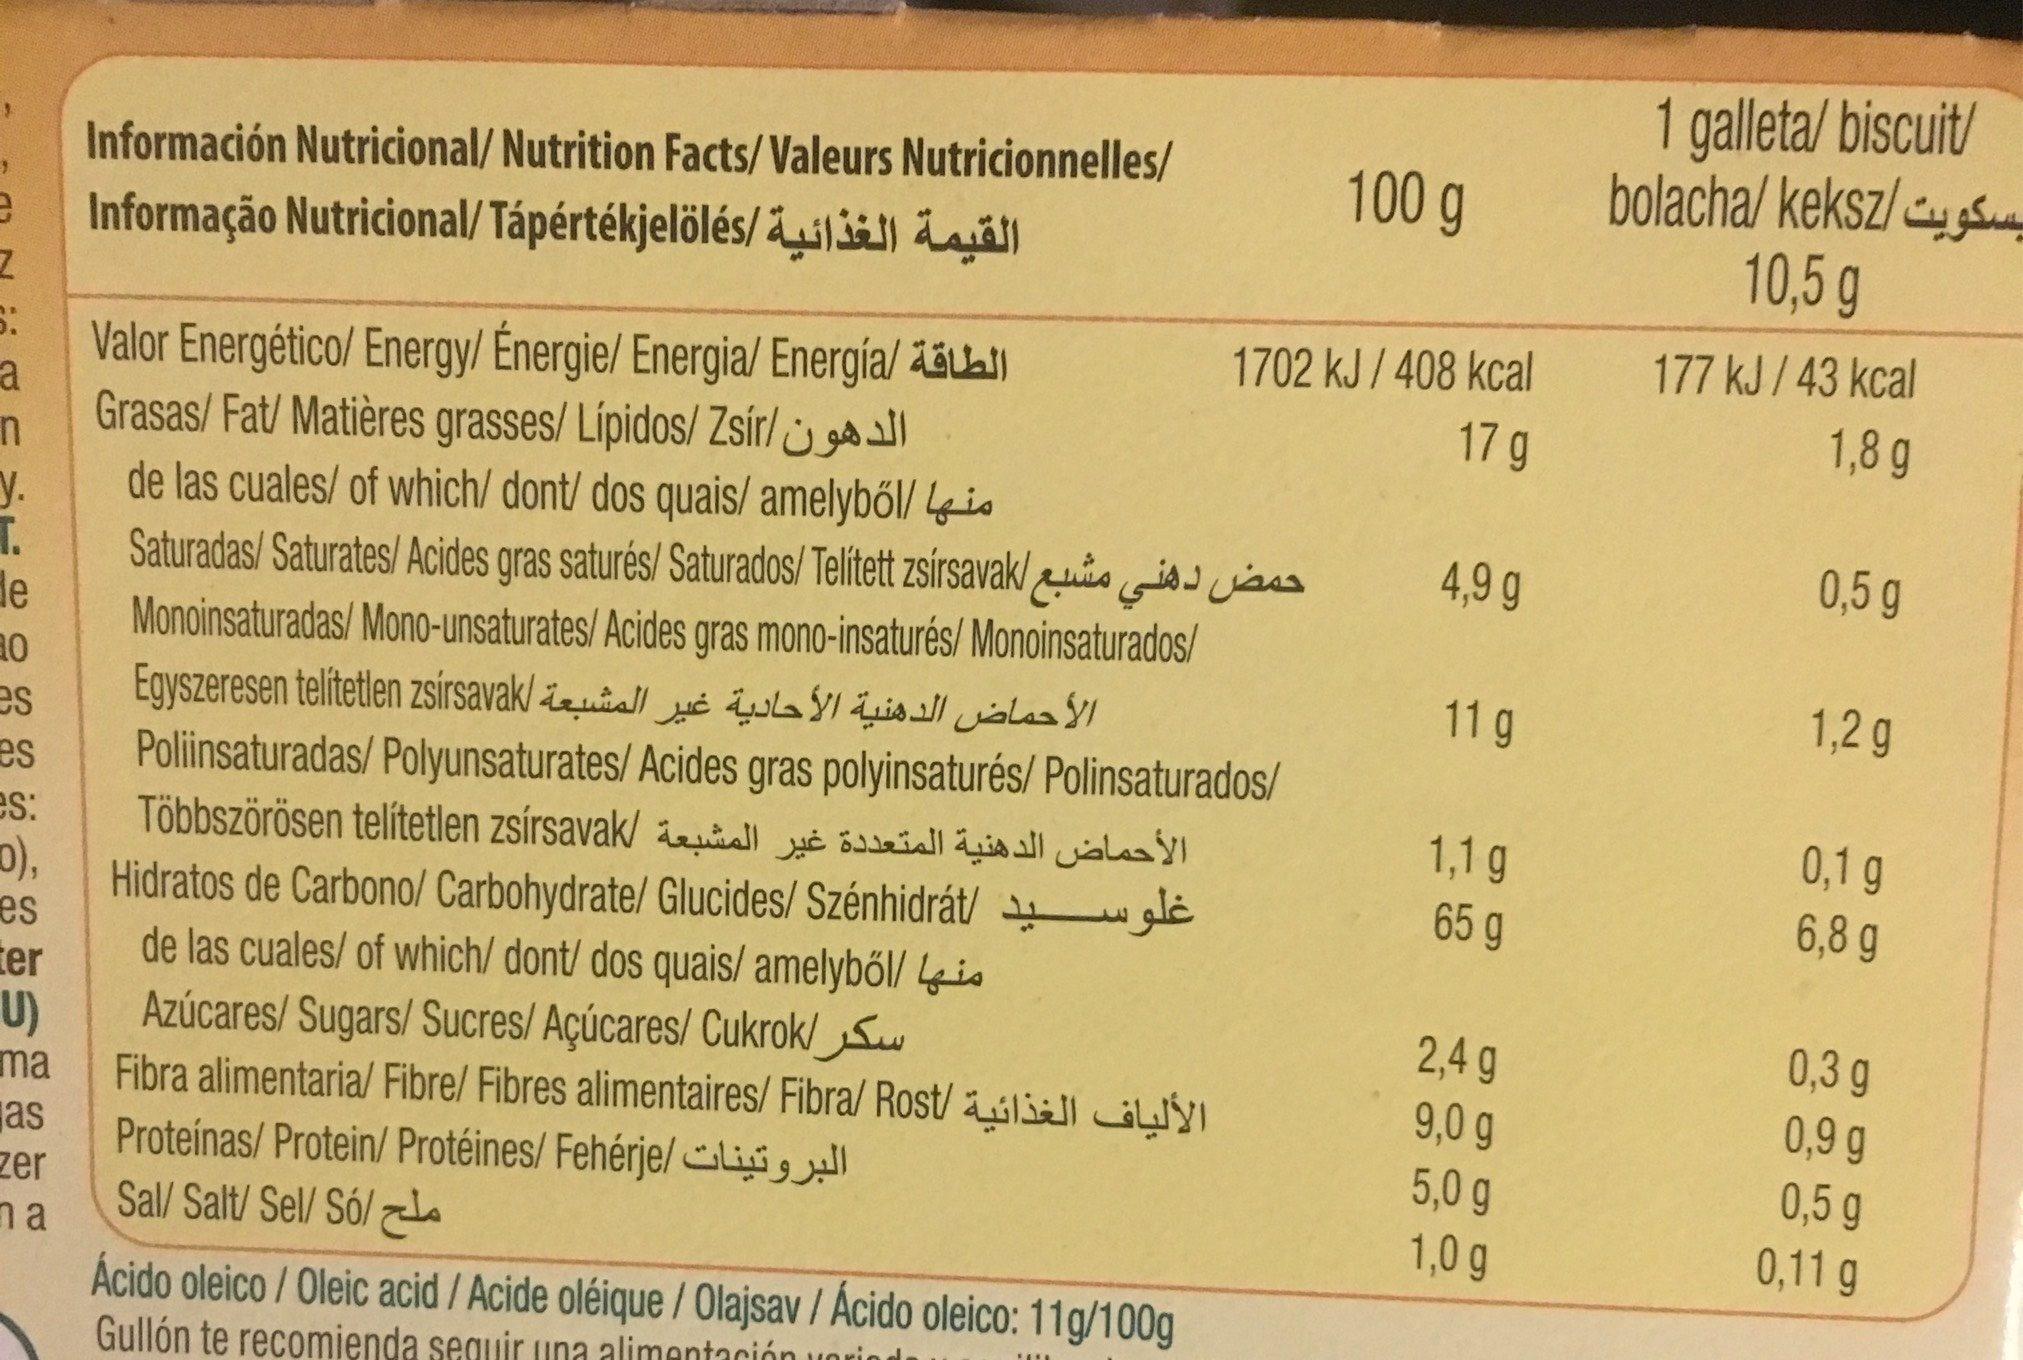 Galletas sandwich de cacao rellenas de crema - Nutrition facts